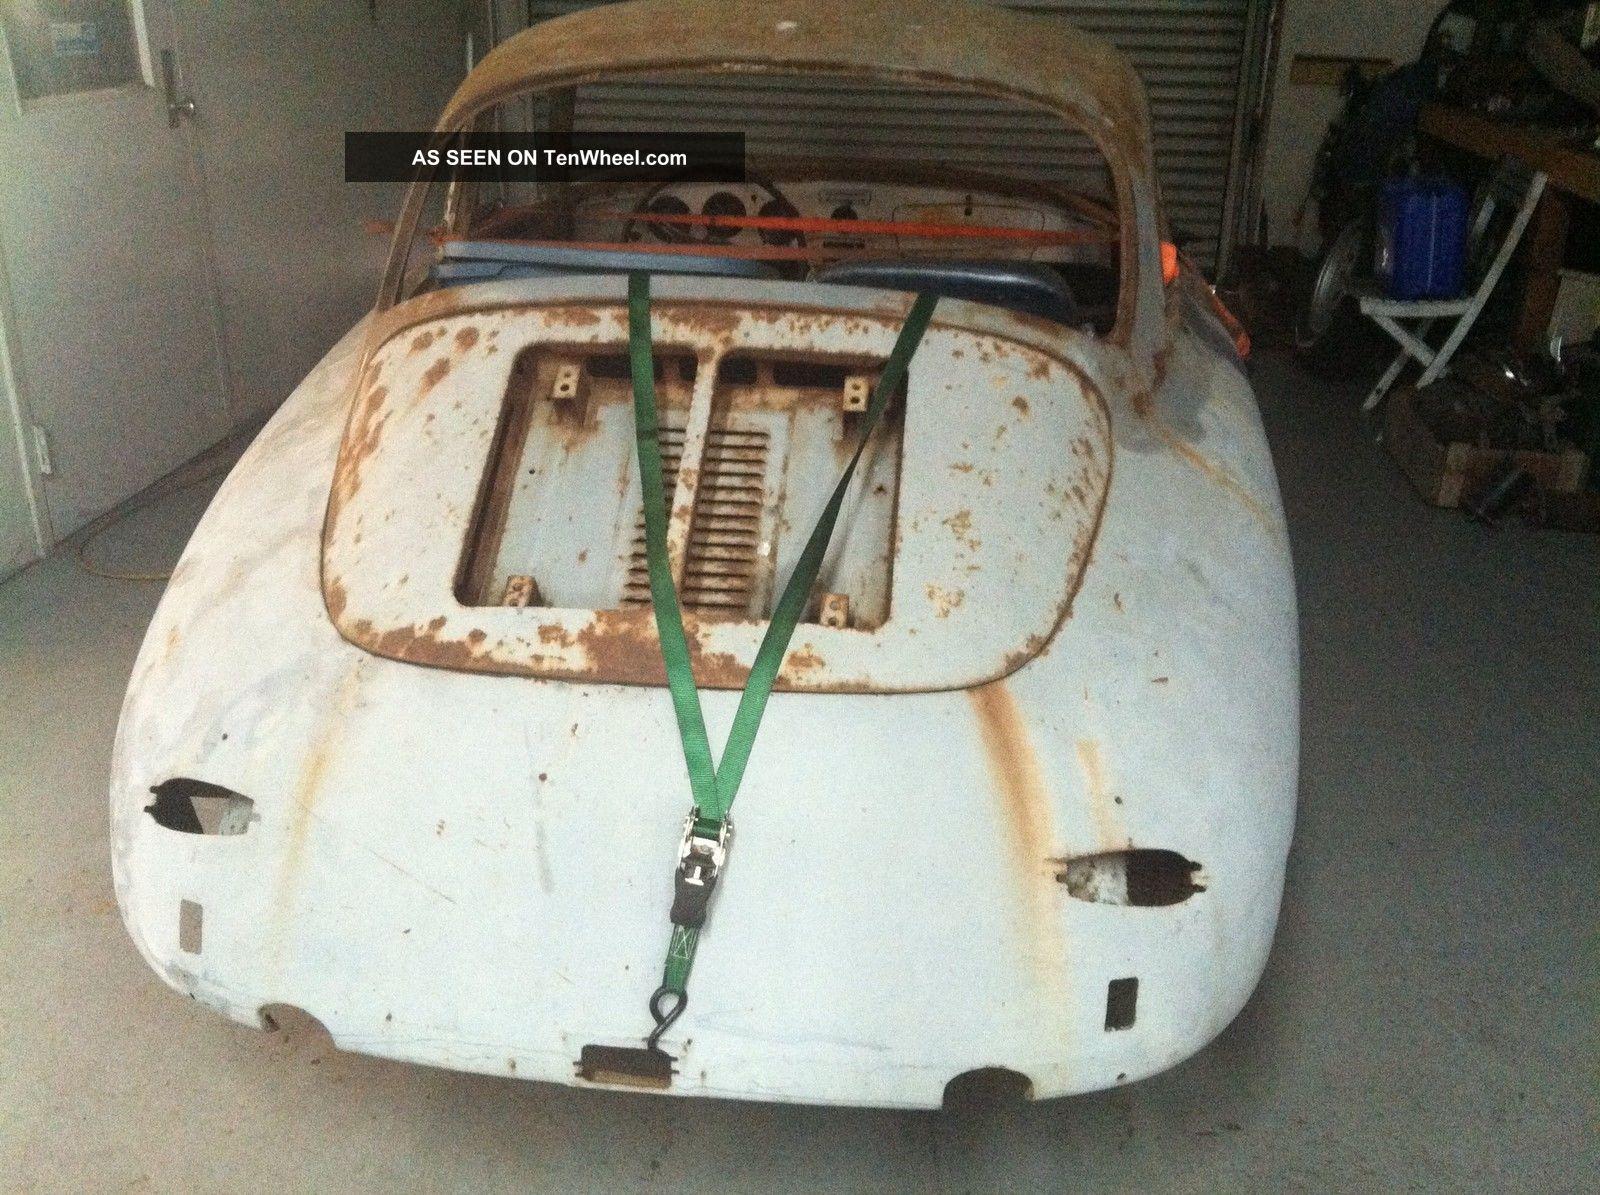 1963 Porsche 356 B 356 photo